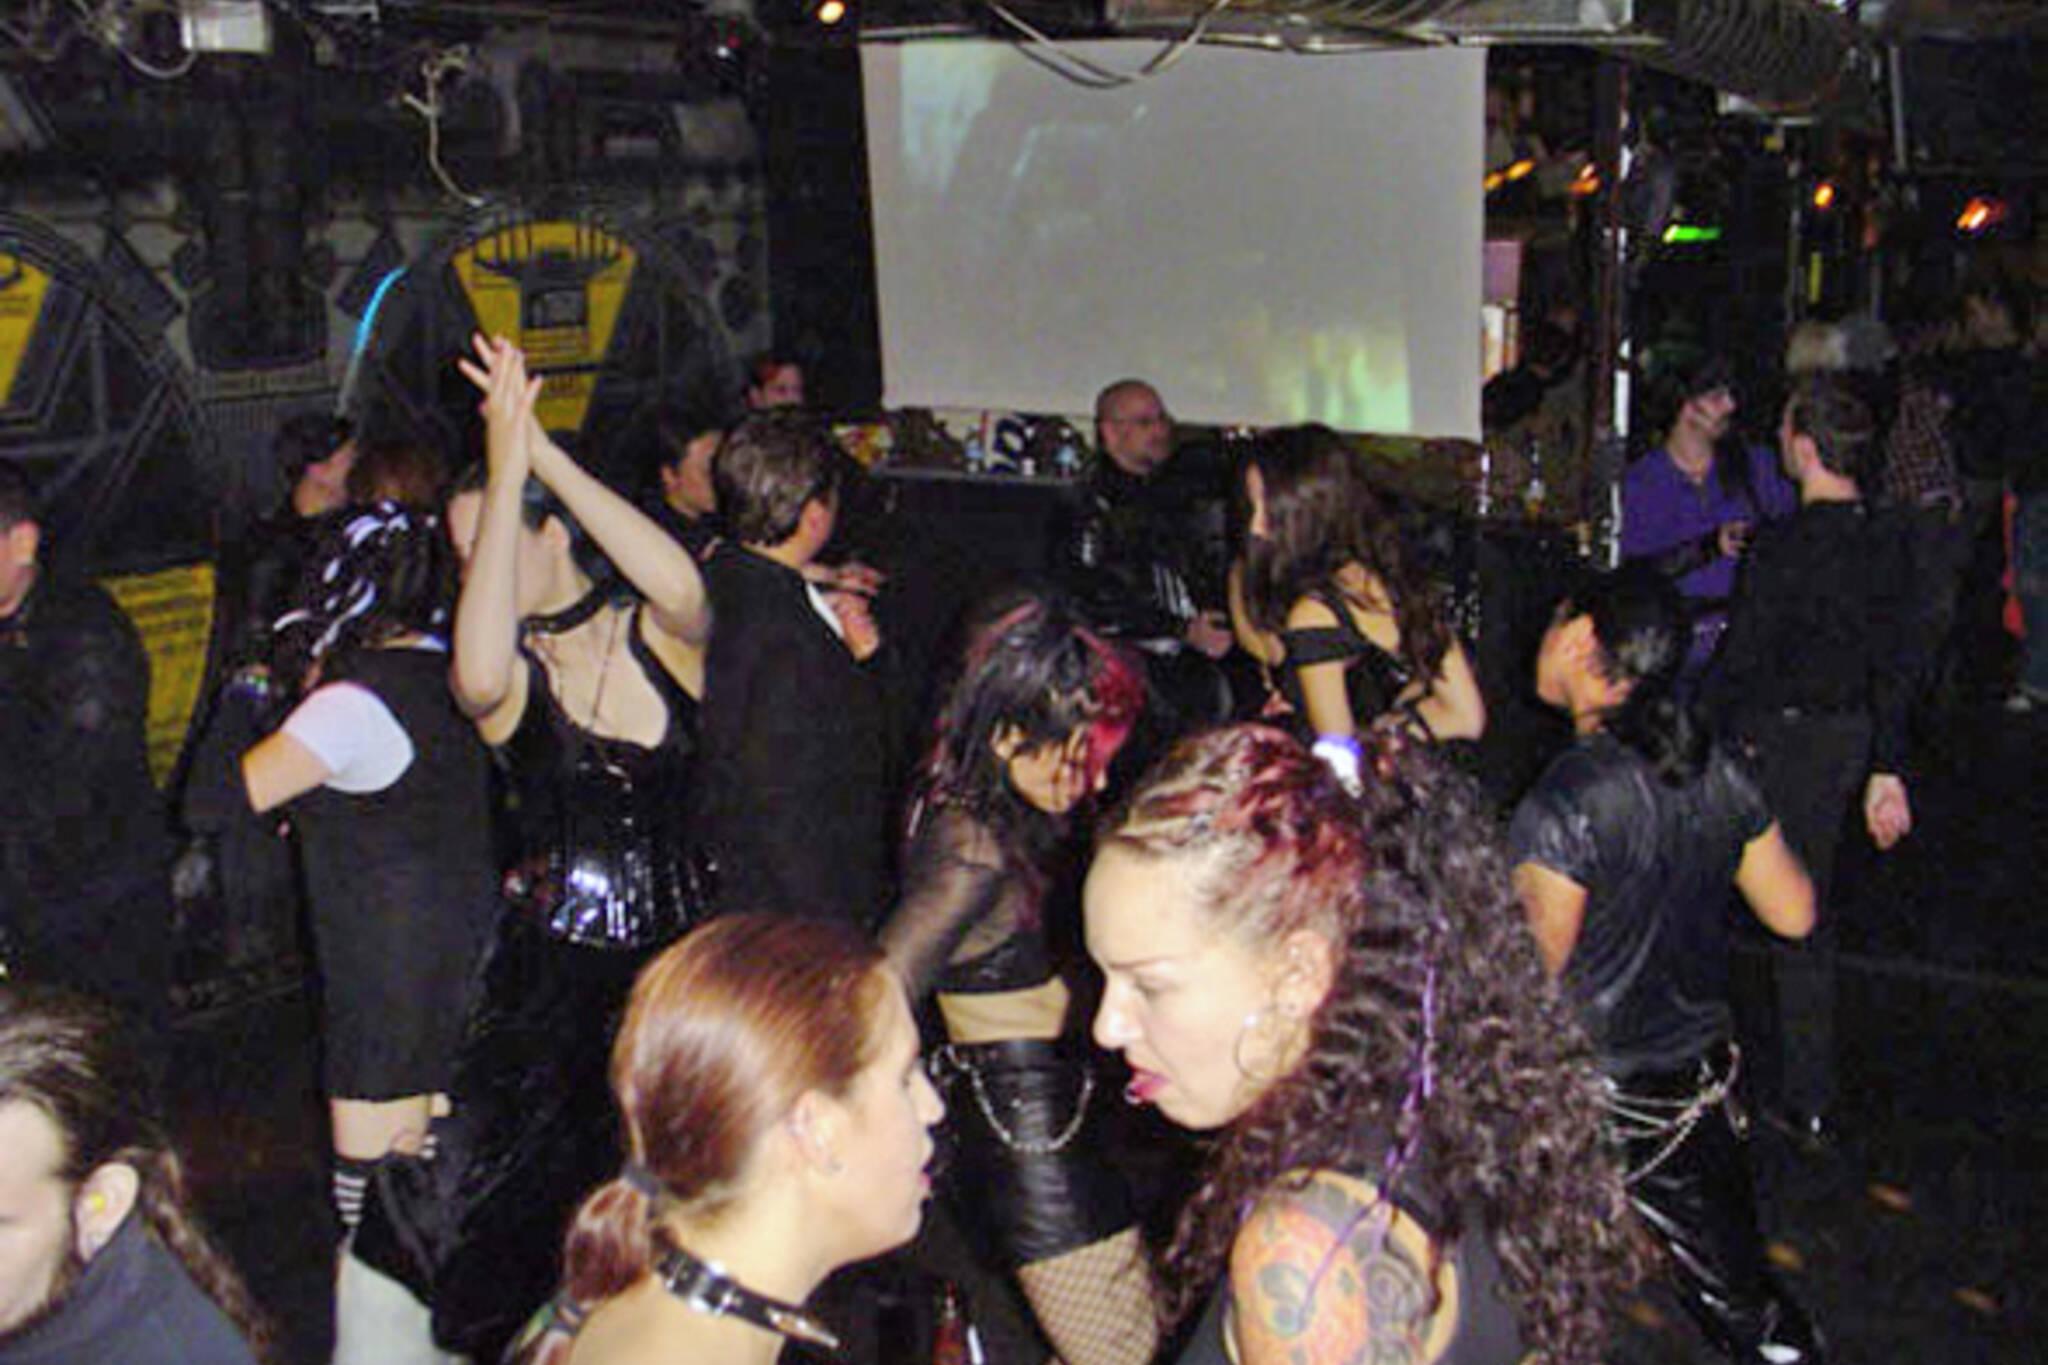 Goth club Toronto